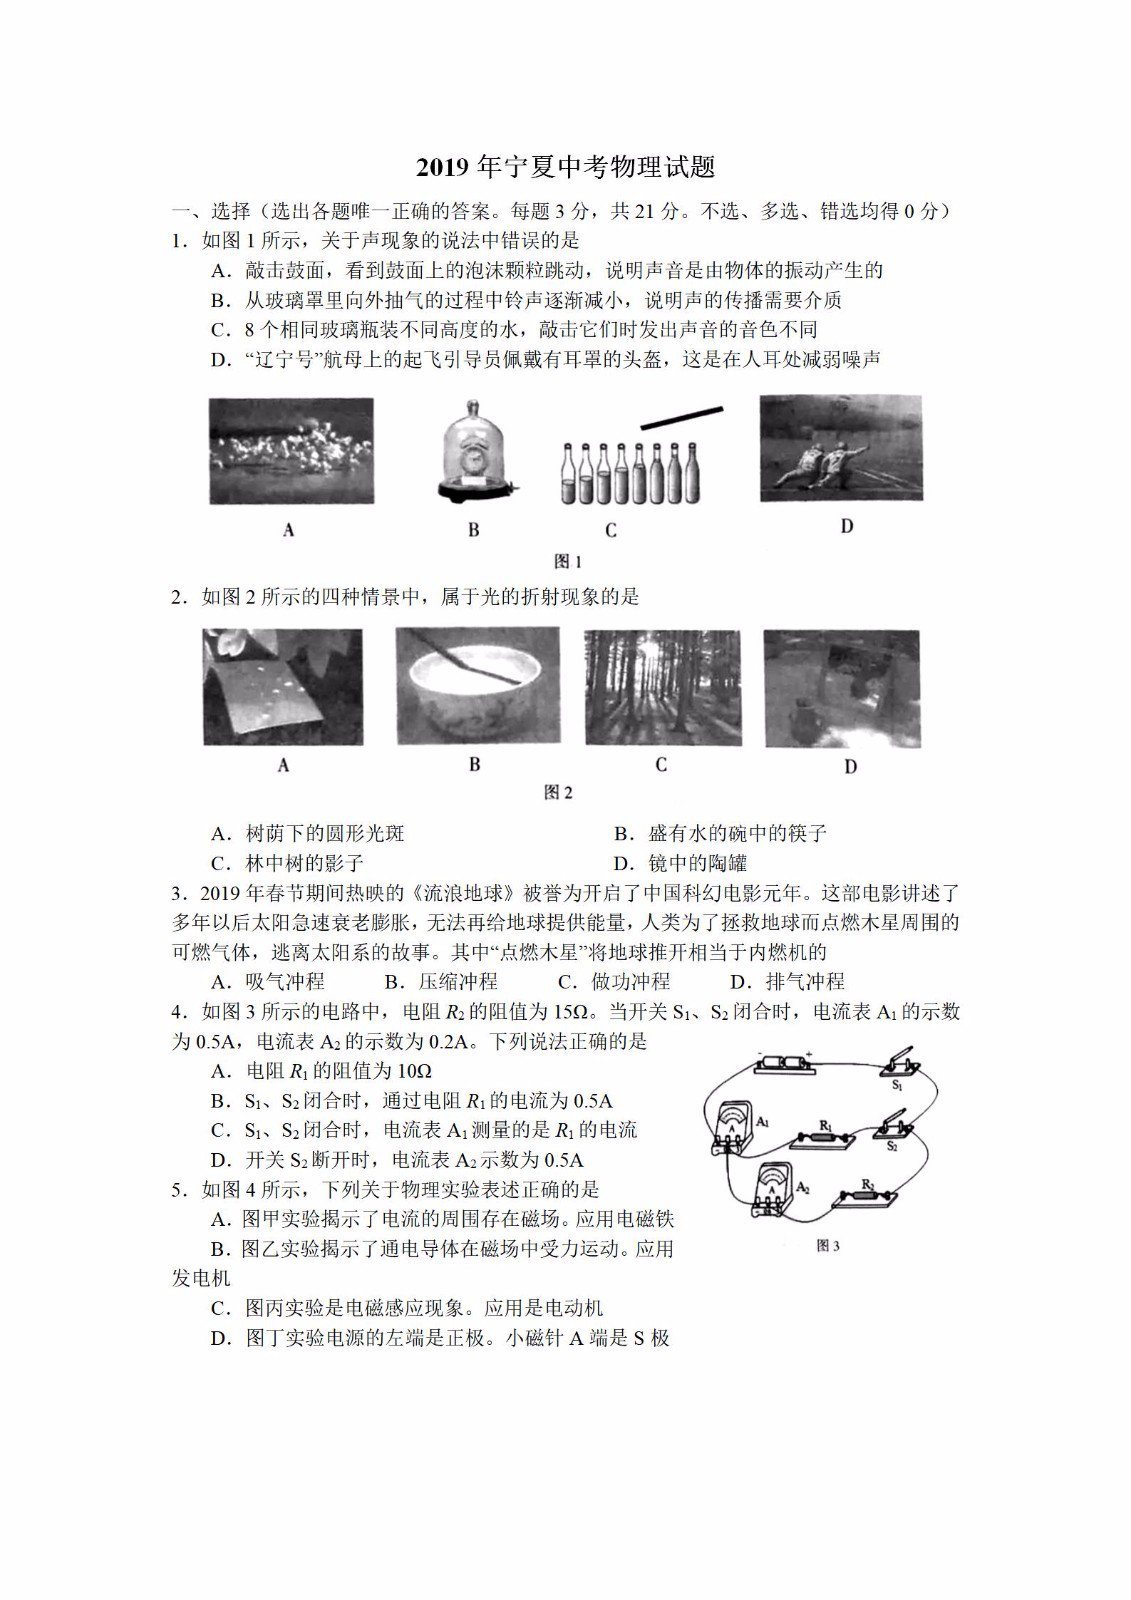 2019年宁夏中考《物理》真题及答案已公布